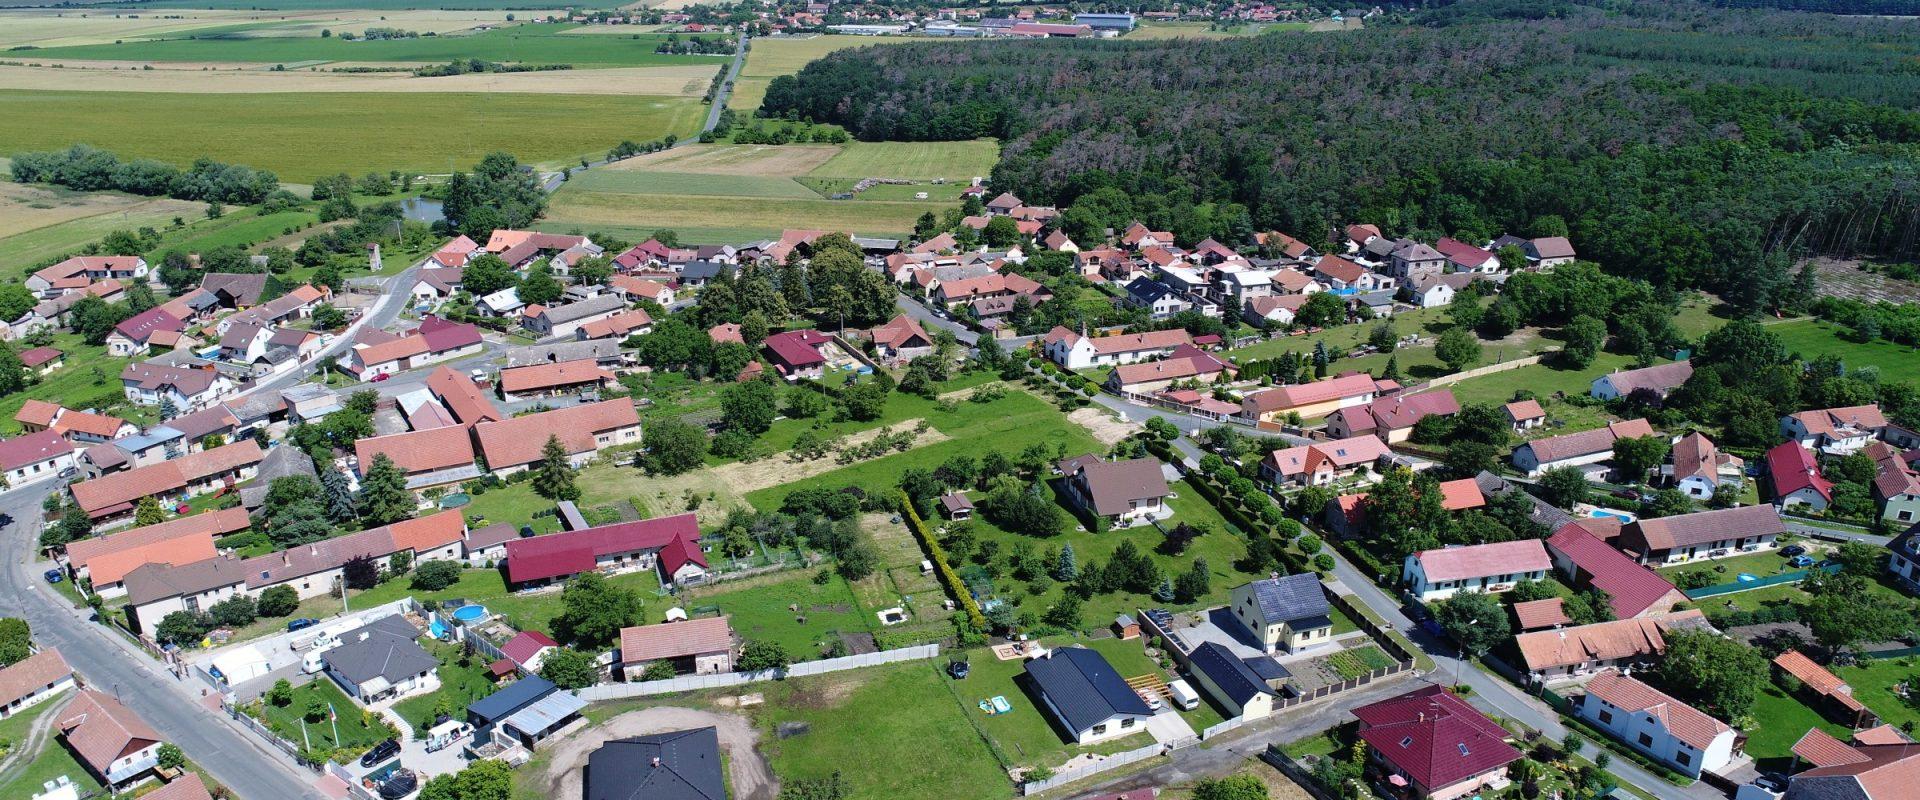 Prodej rodinného domu 166 m², pozemek 1 122 m², Němčice u Kolína.